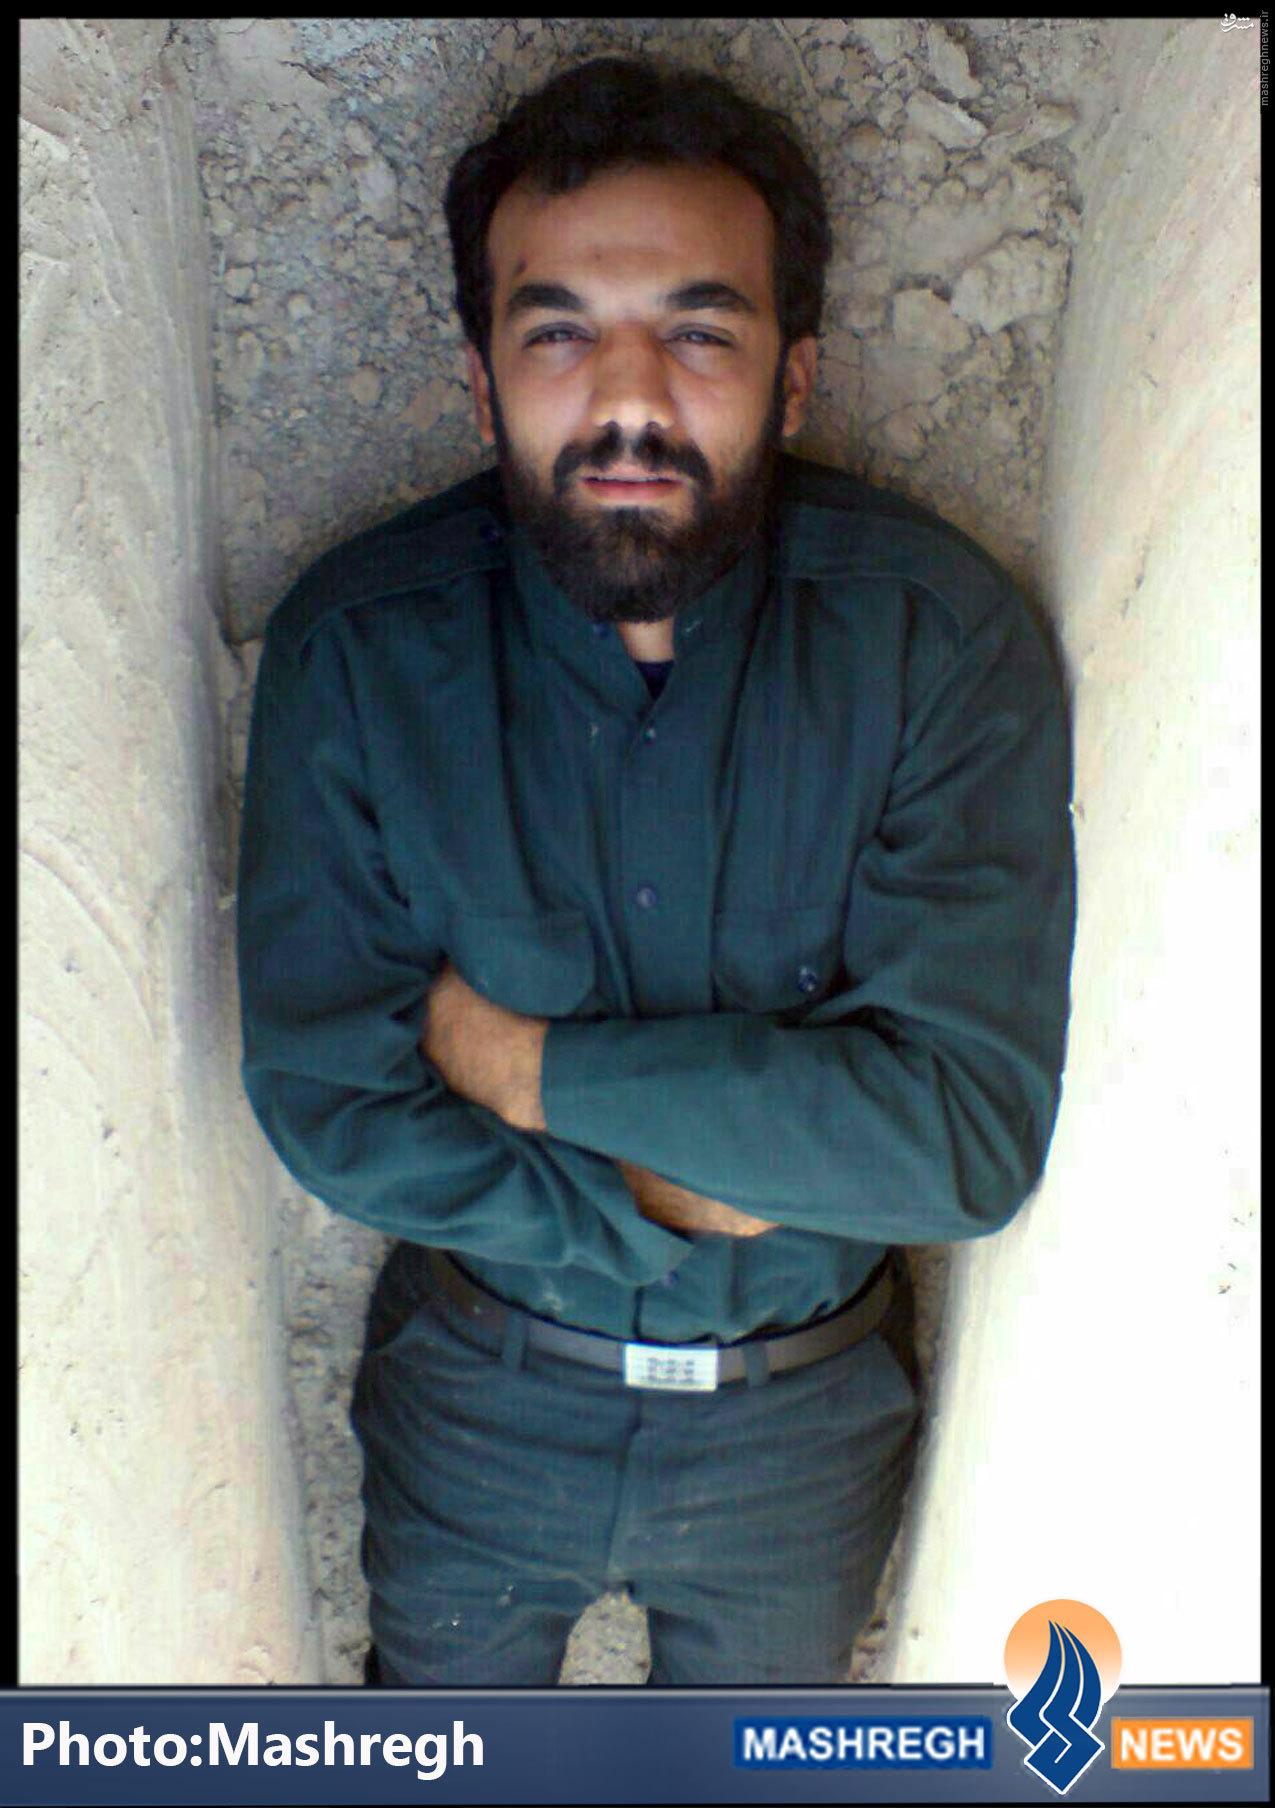 عكس/ شهیدی که جسد ندارد در «قبر»